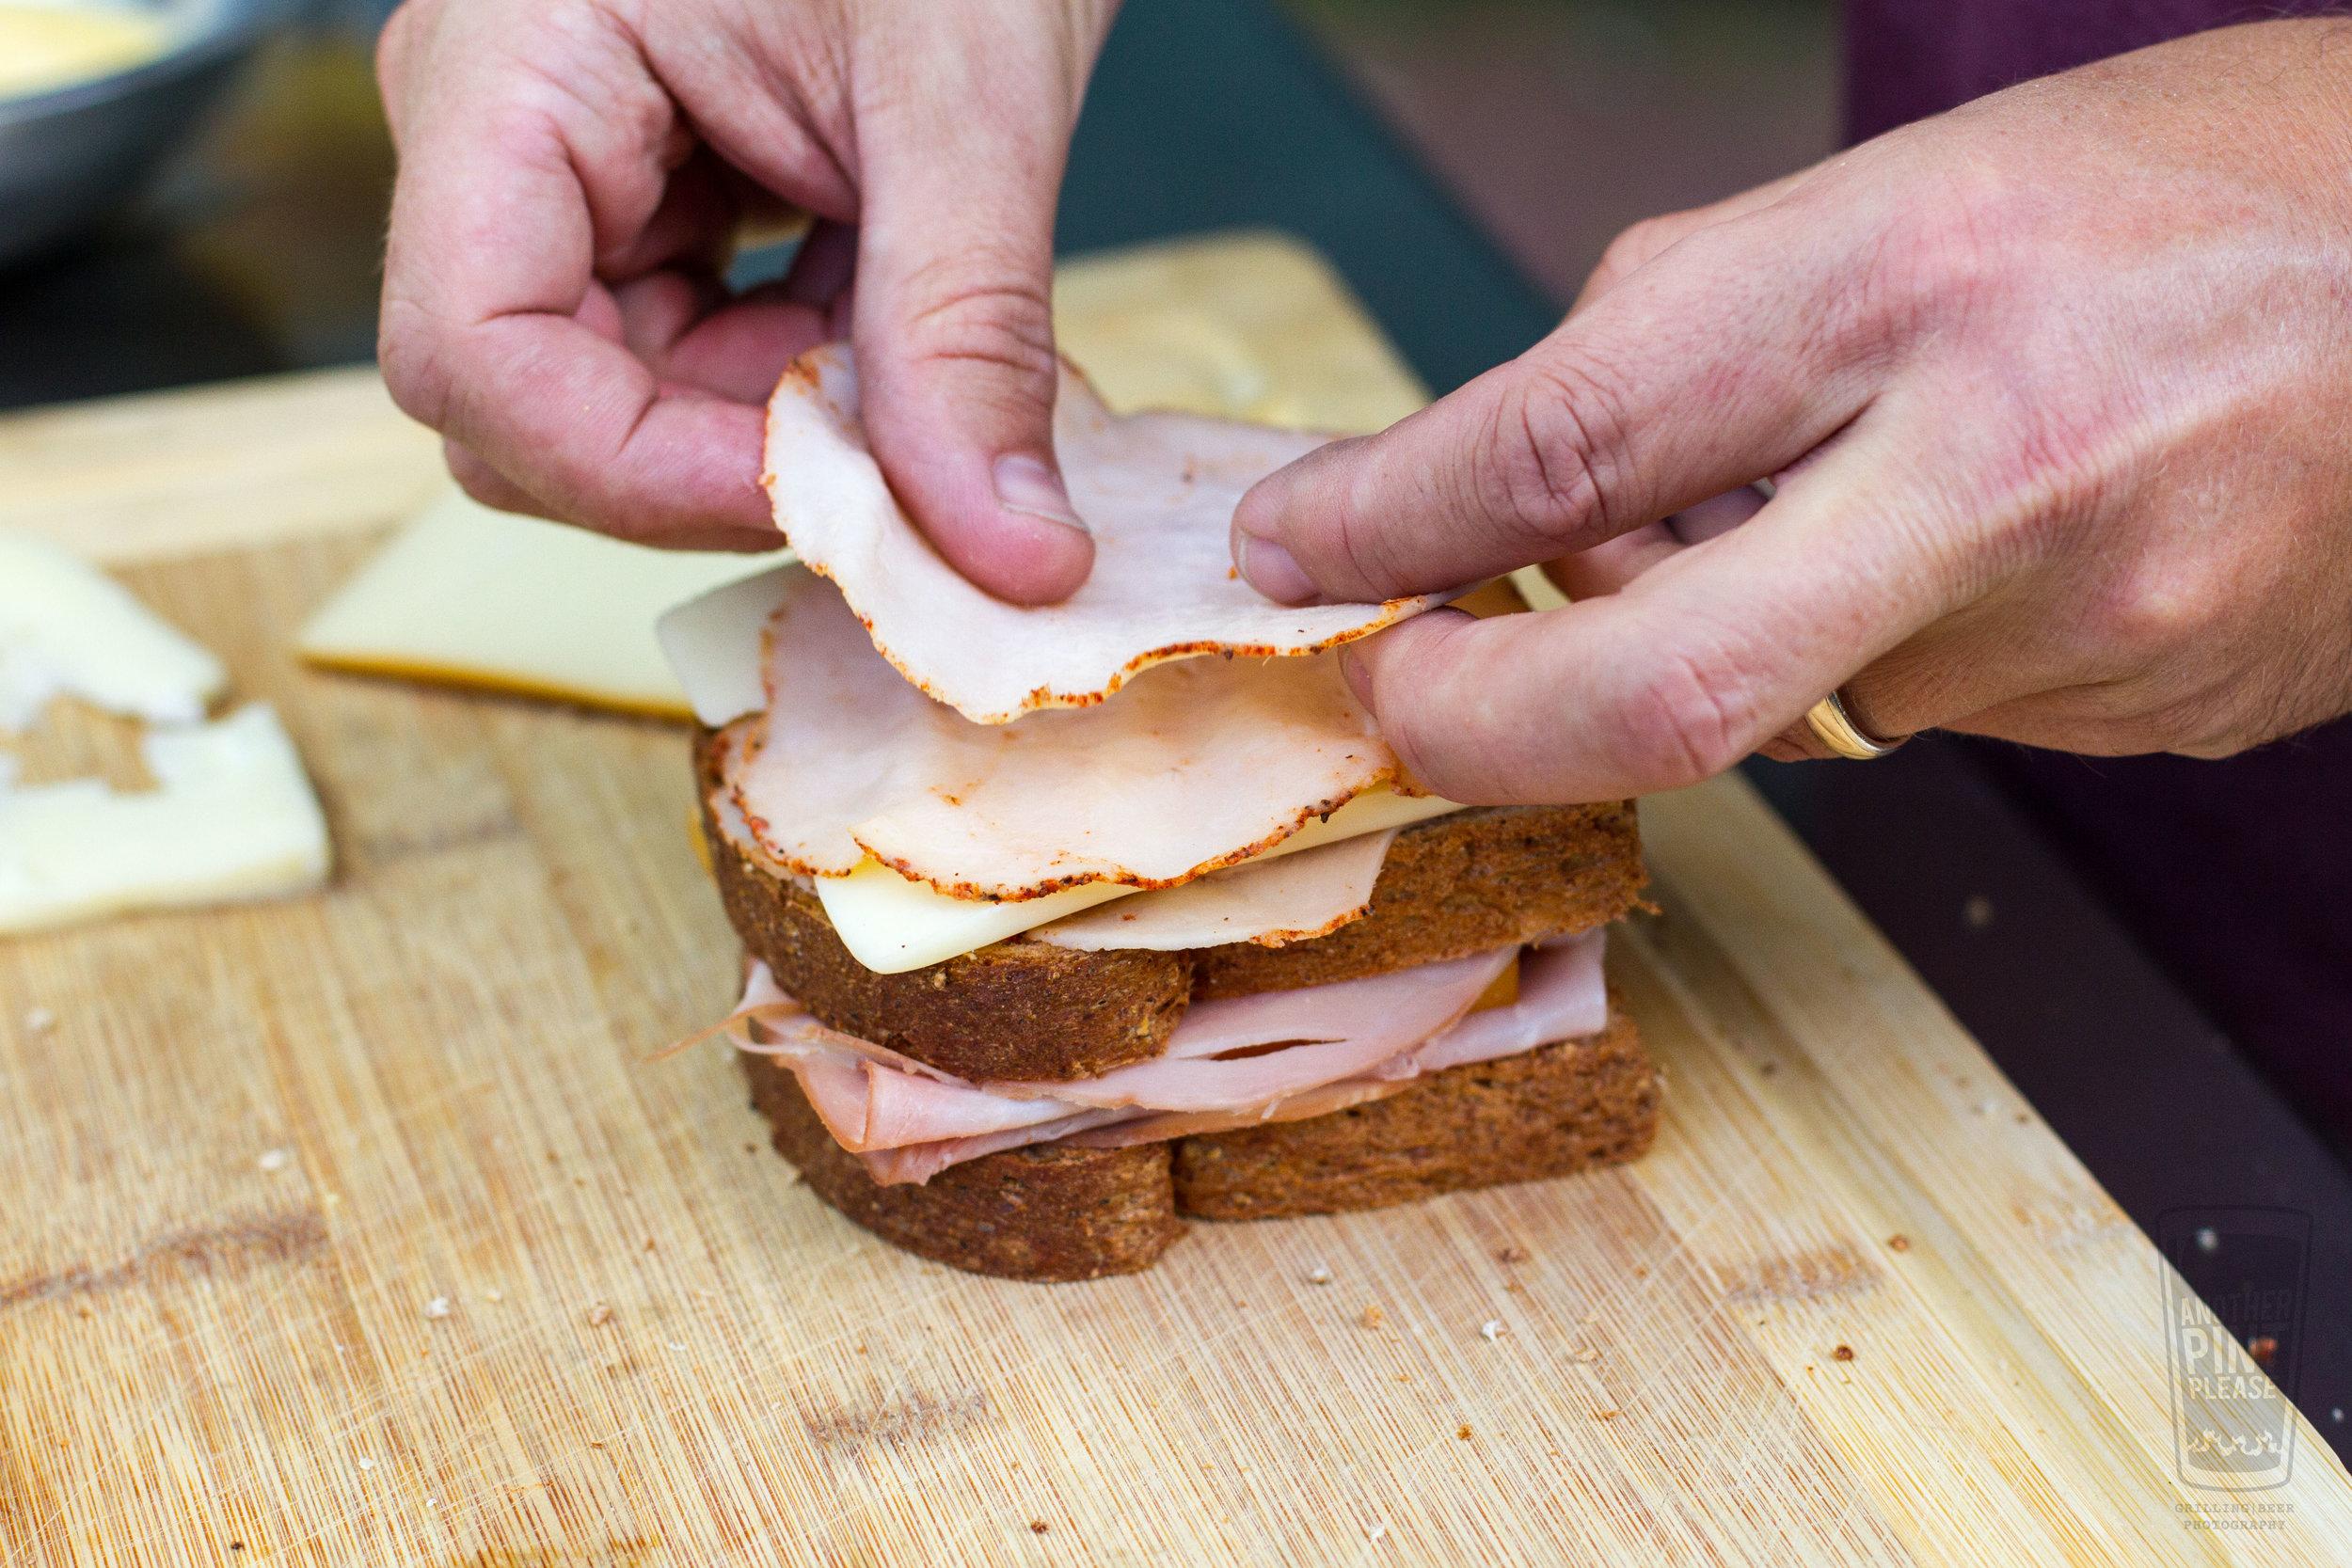 making sandwich.jpg